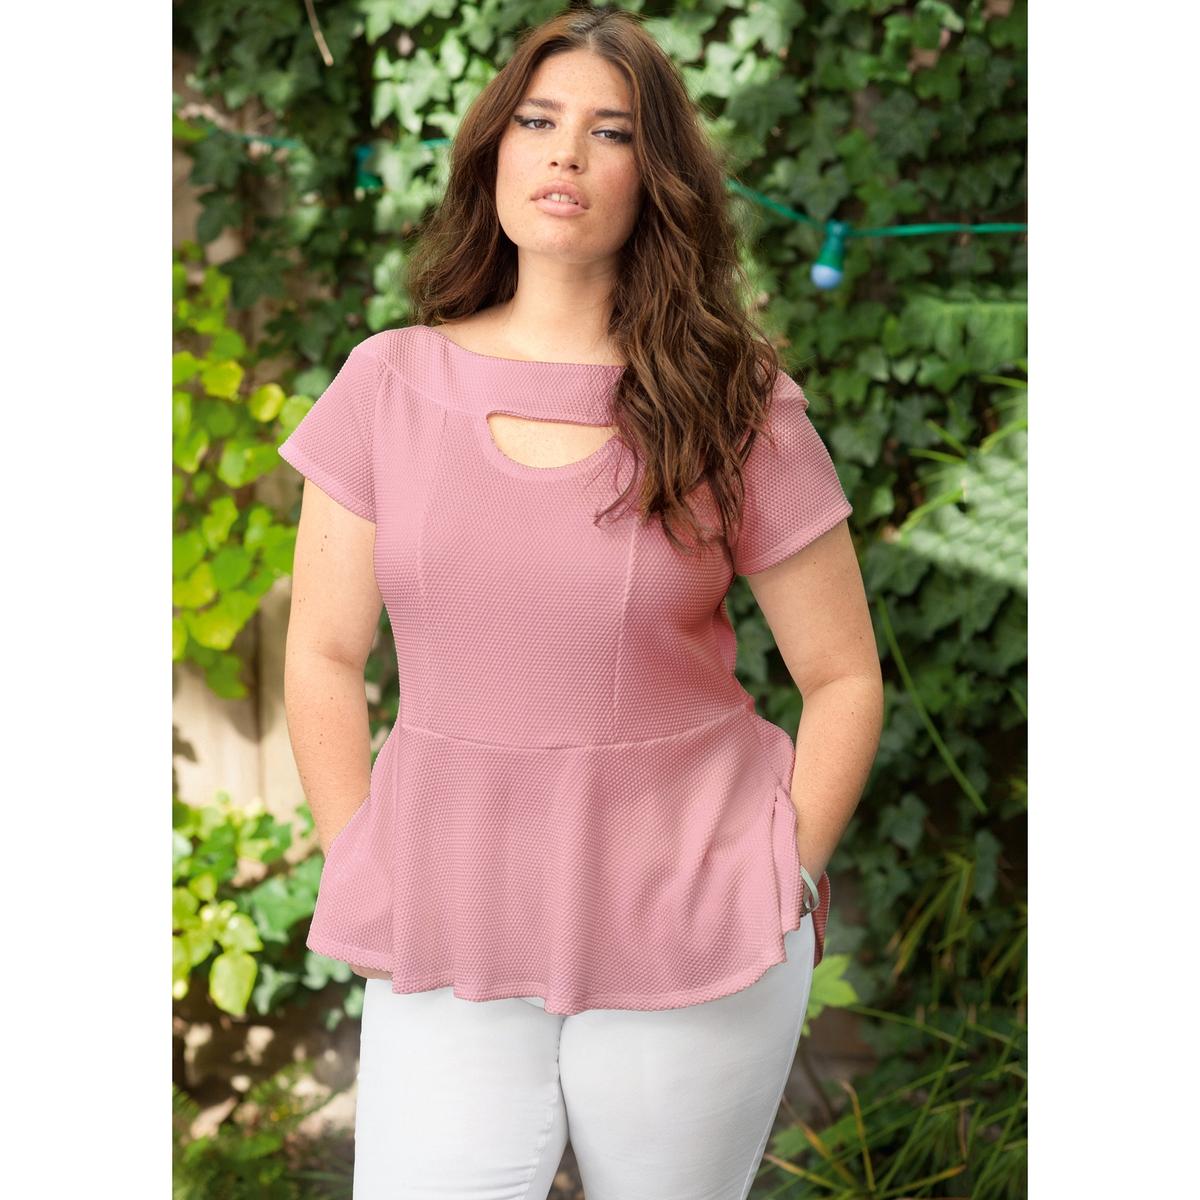 Футболка с баскойФутболка . Открытые плечи и баска придают этому топу женственности! Короткие рукава. Из рельефного трикотажа, 60% полиэстера, 37% хлопка, 3% эластана. Длина ок.66 см .<br><br>Цвет: розовый<br>Размер: 42/44 (FR) - 48/50 (RUS).46/48 (FR) - 52/54 (RUS)